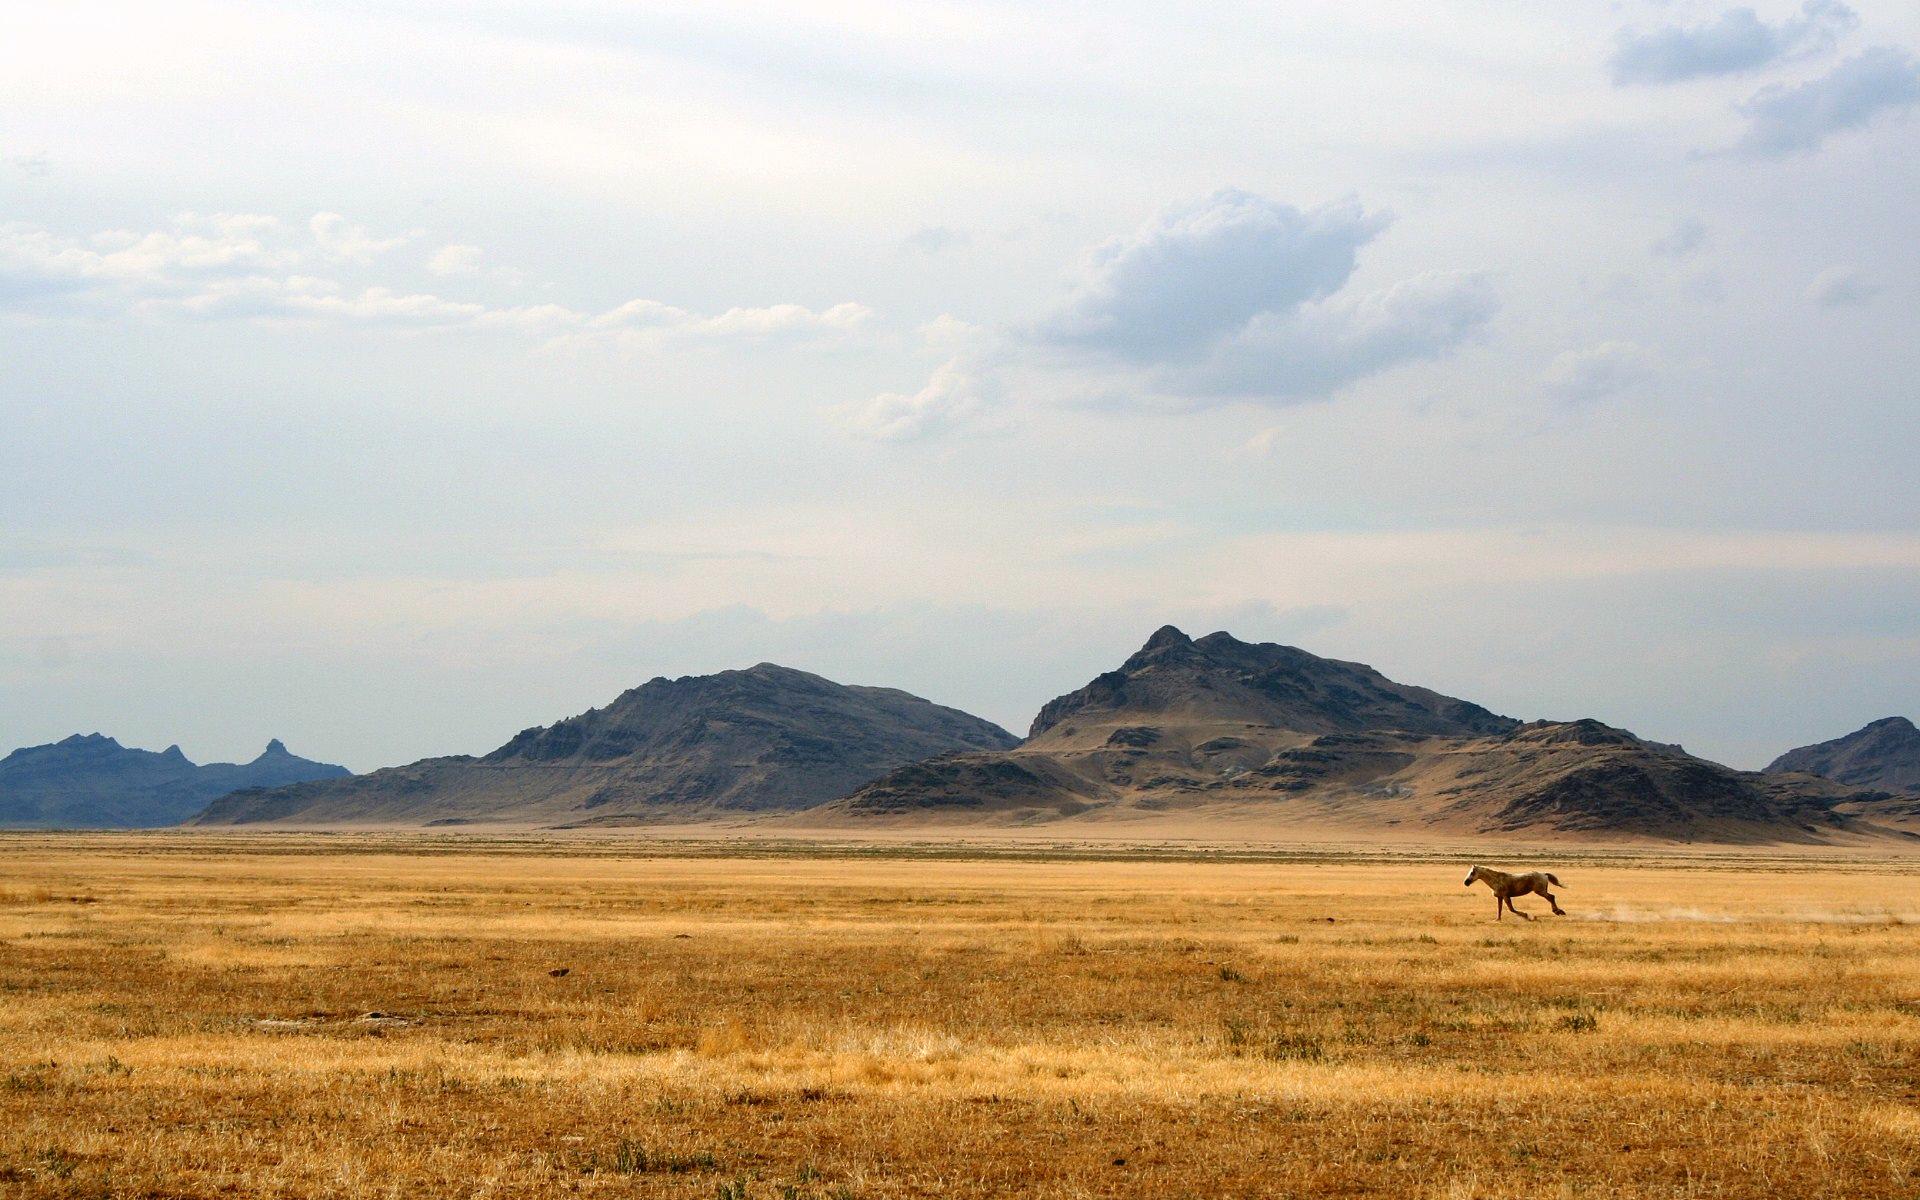 Running wild horse landscape hd wallpaper - Hd wilderness wallpapers ...